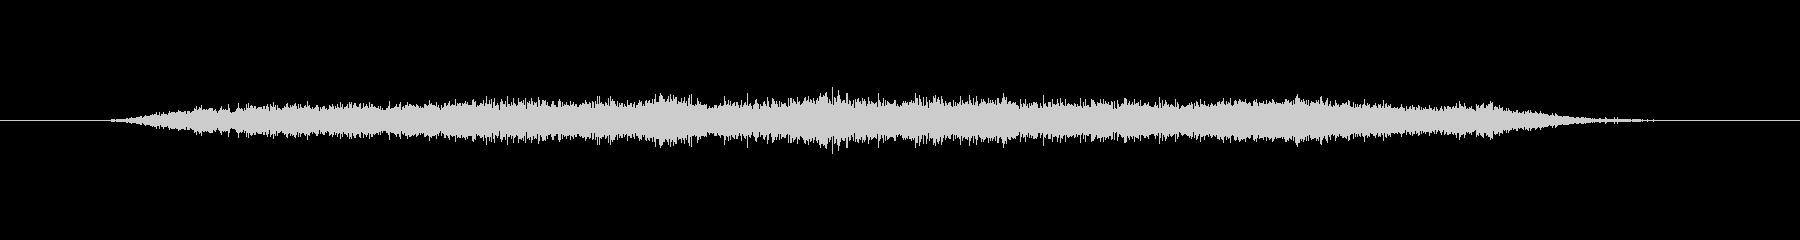 メタル 蓋のスクリーチショート04の未再生の波形